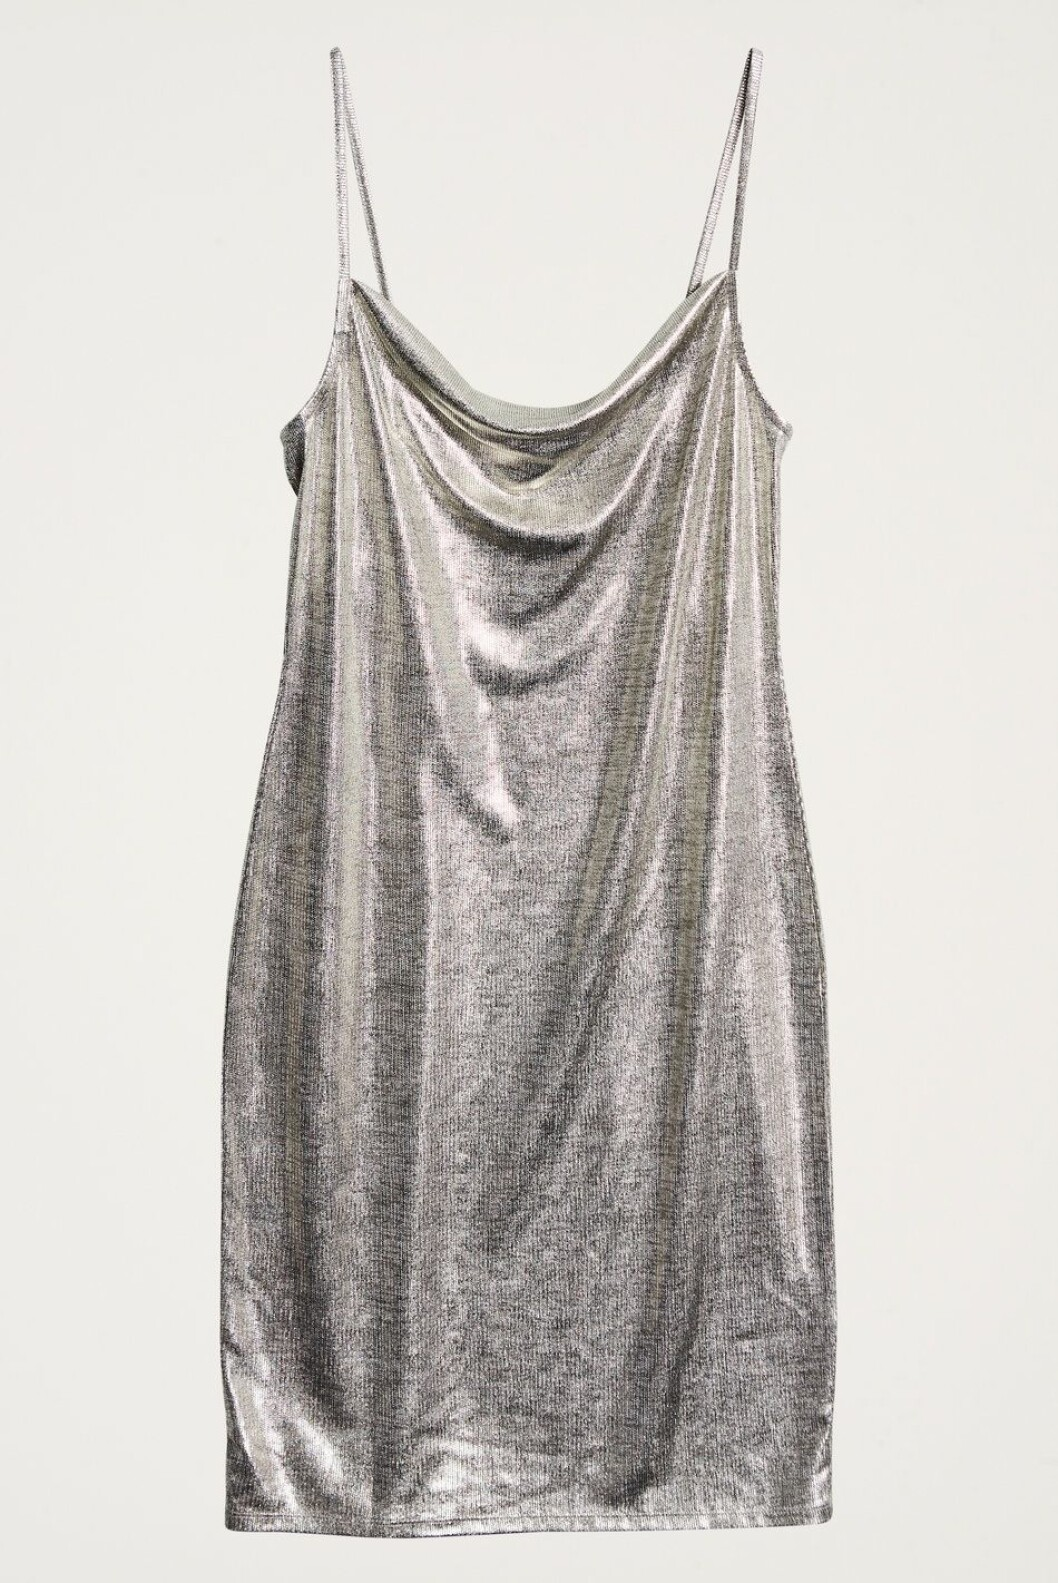 <strong>Kjole fra Gina Tricot |299,-| https:</strong>//www.ginatricot.com/cno/no/kolleksjon/overdeler/kjoler/festkjoler/my-metallic-dress/prod833368051.html